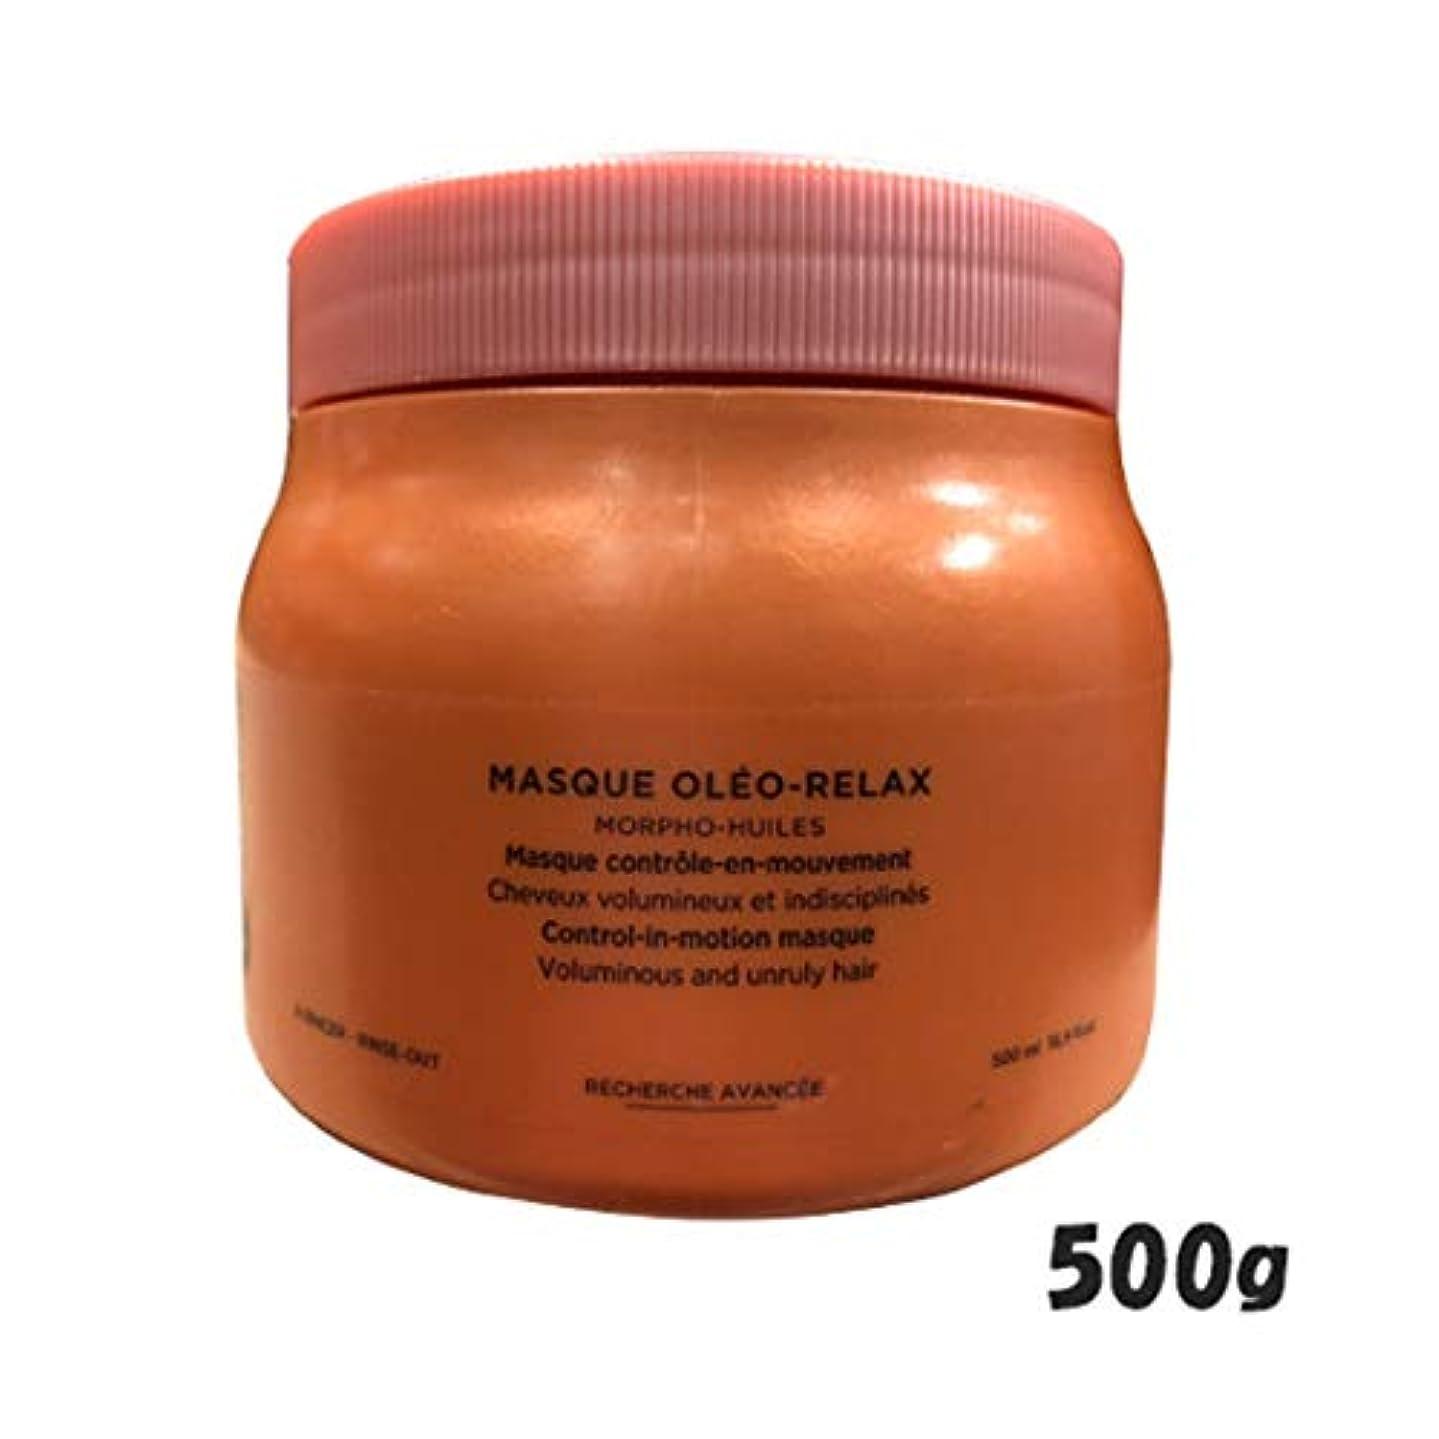 省略するシリングカレンダーケラスターゼ DP マスク オレオ リラックス 500g [並行輸入品]